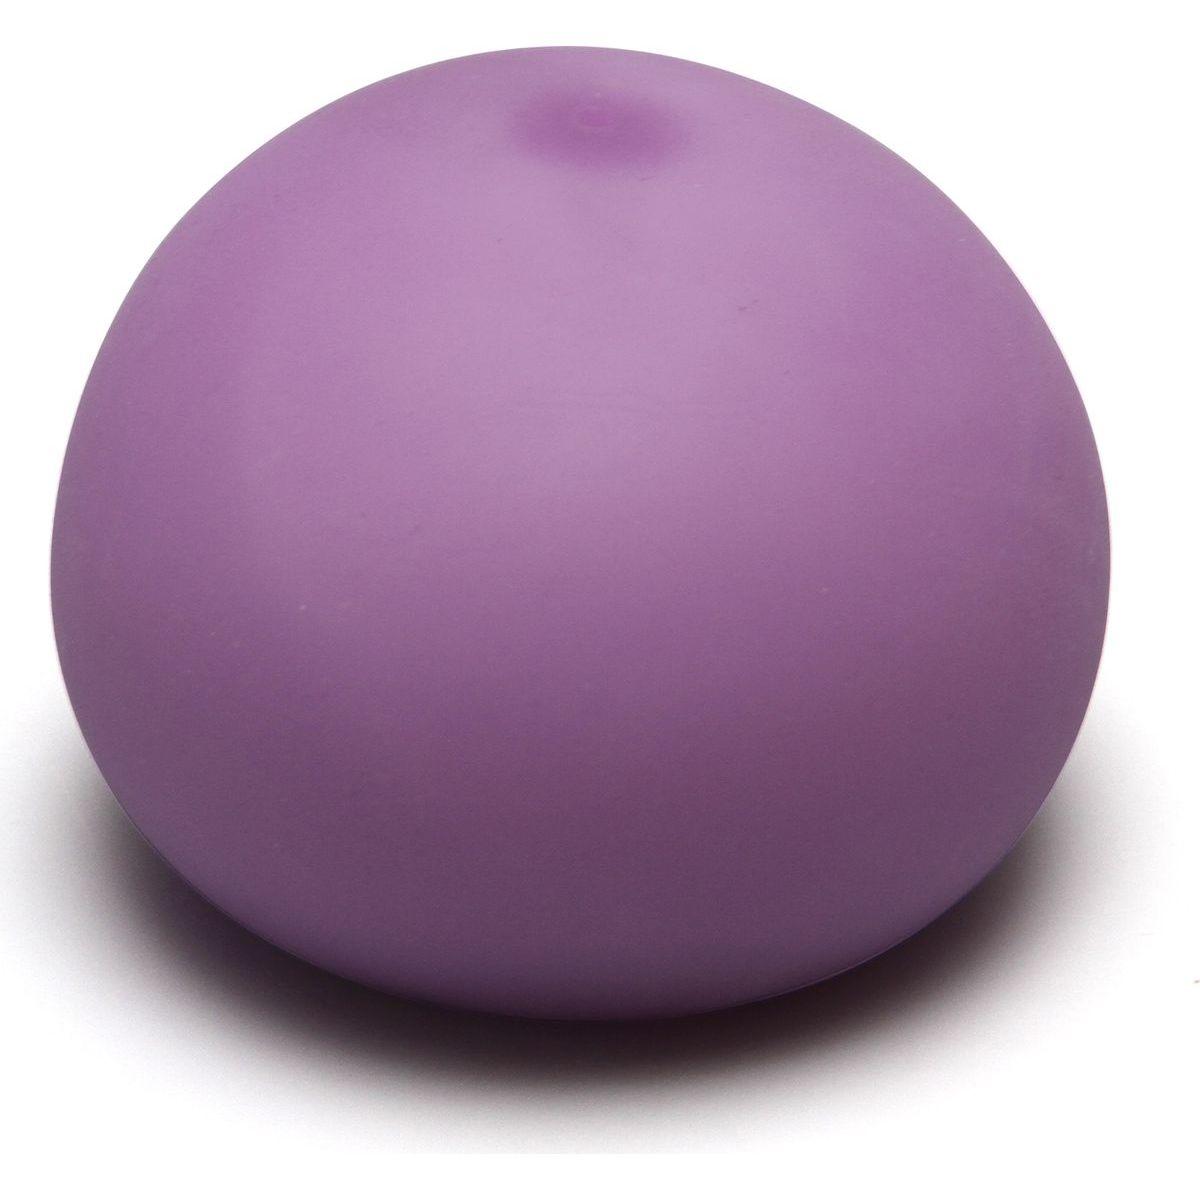 Antistresový míček 11cm svítící ve tmě fialový